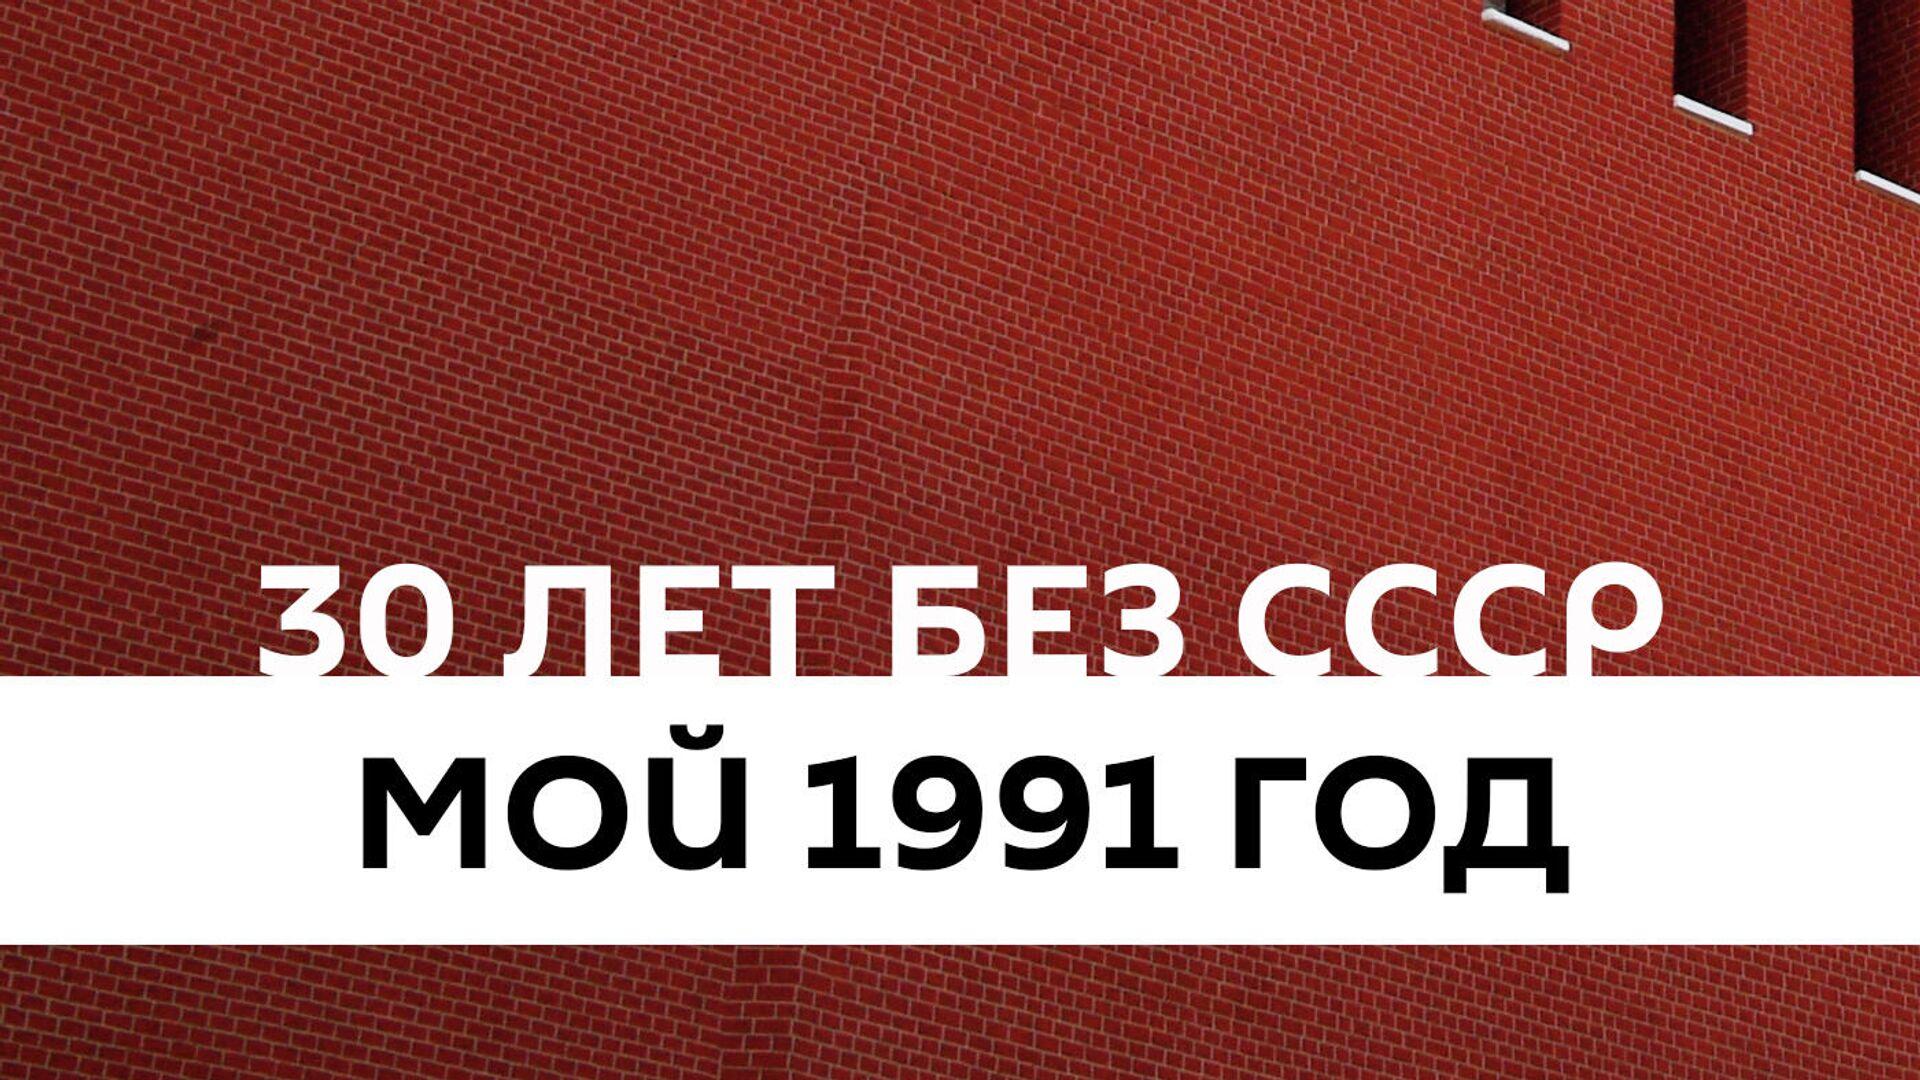 Радио Sputnik запустил новый подкаст 30 лет без СССР - РИА Новости, 1920, 17.03.2021